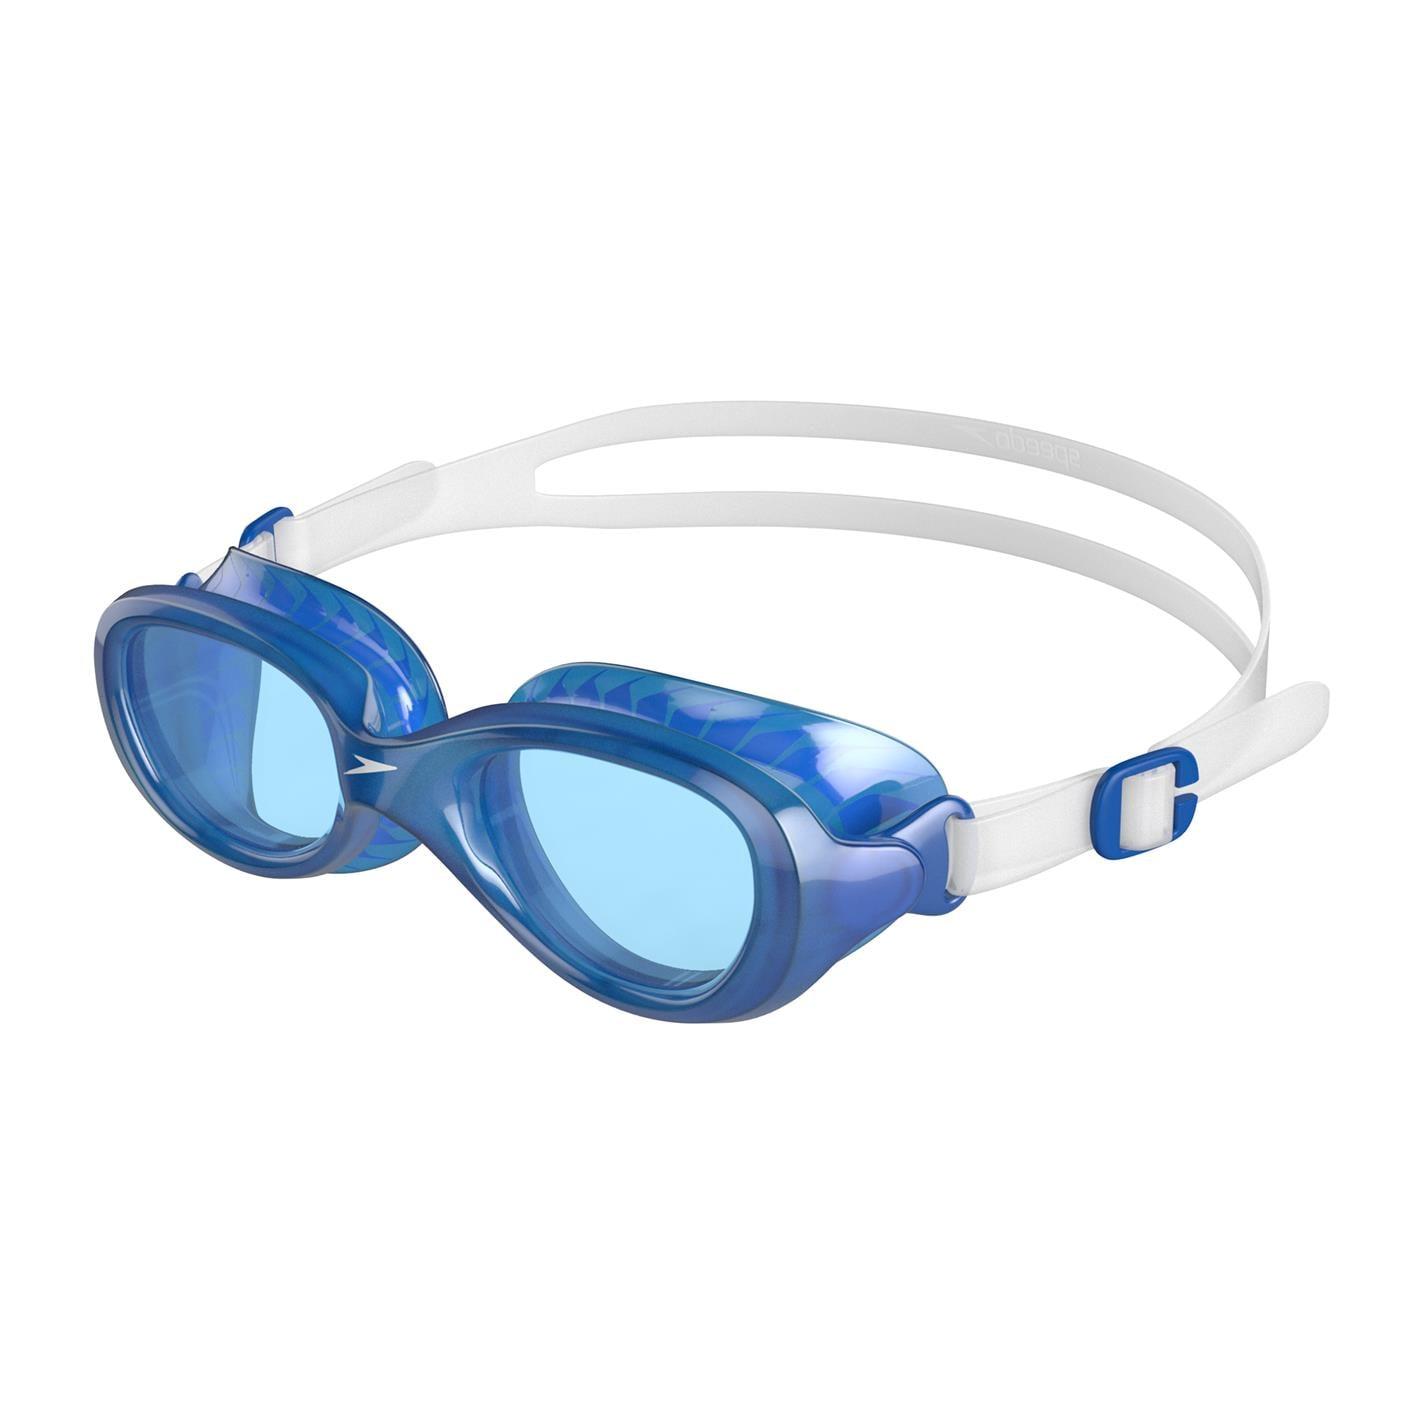 Speedo Futura Classic Goggles copil